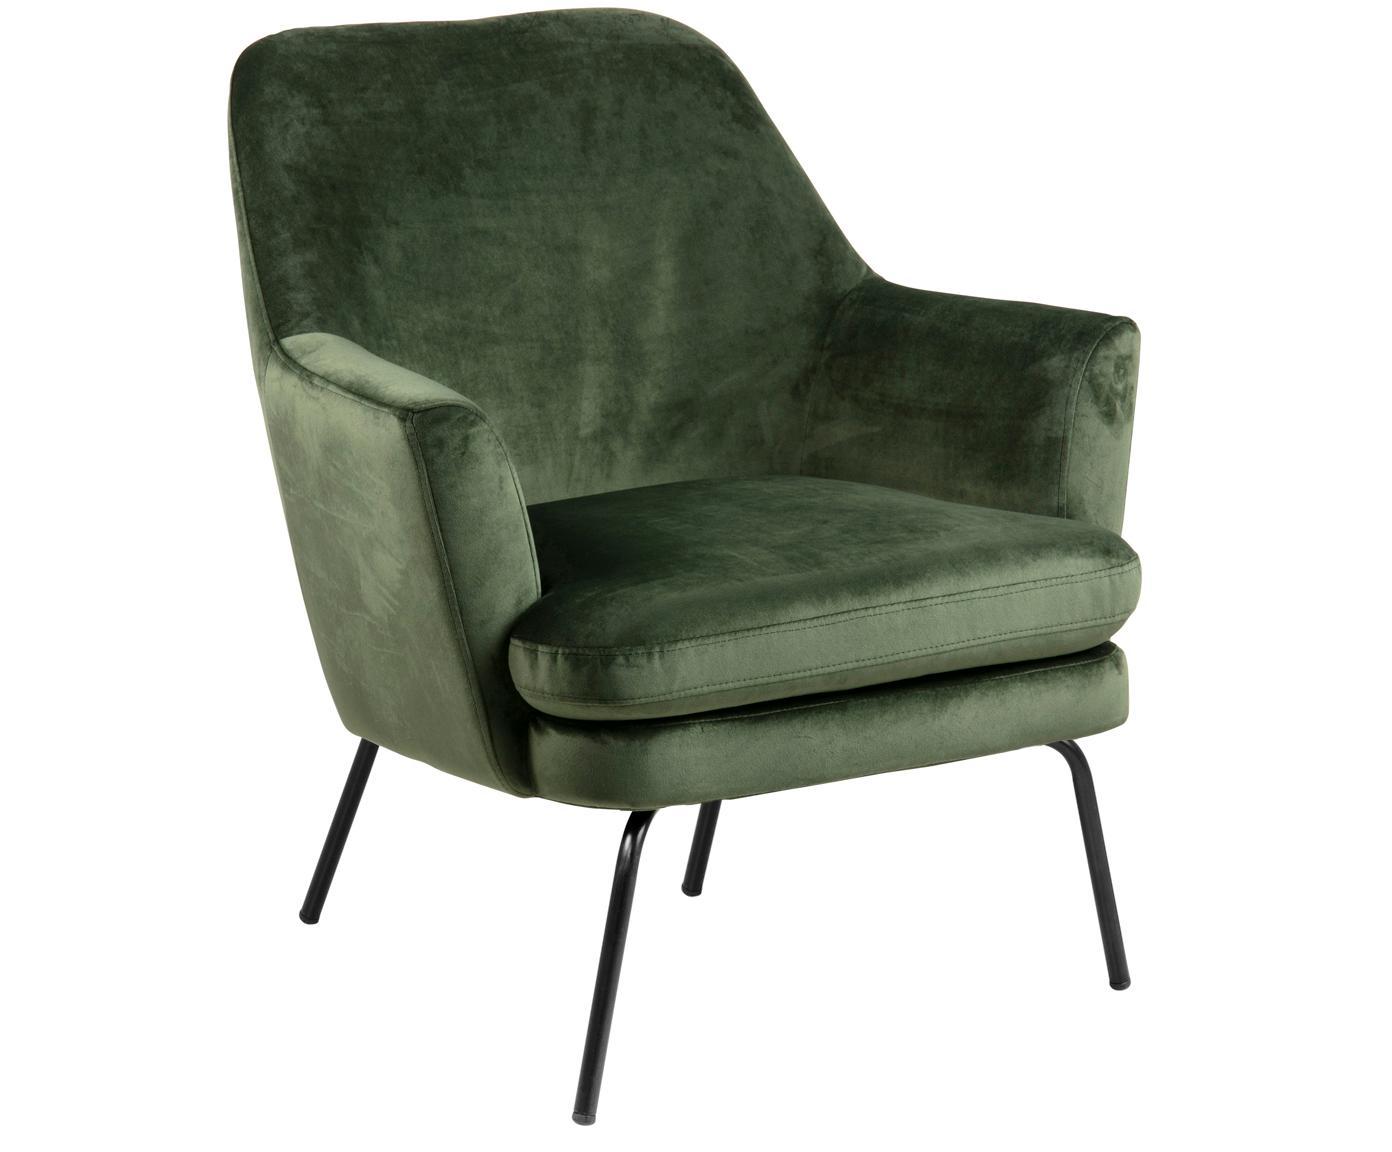 Fluwelen fauteuil Chisa, Bekleding: polyester (fluweel), Poten: gepoedercoat metaal, Bosgroen, B 58 x D 50 cm